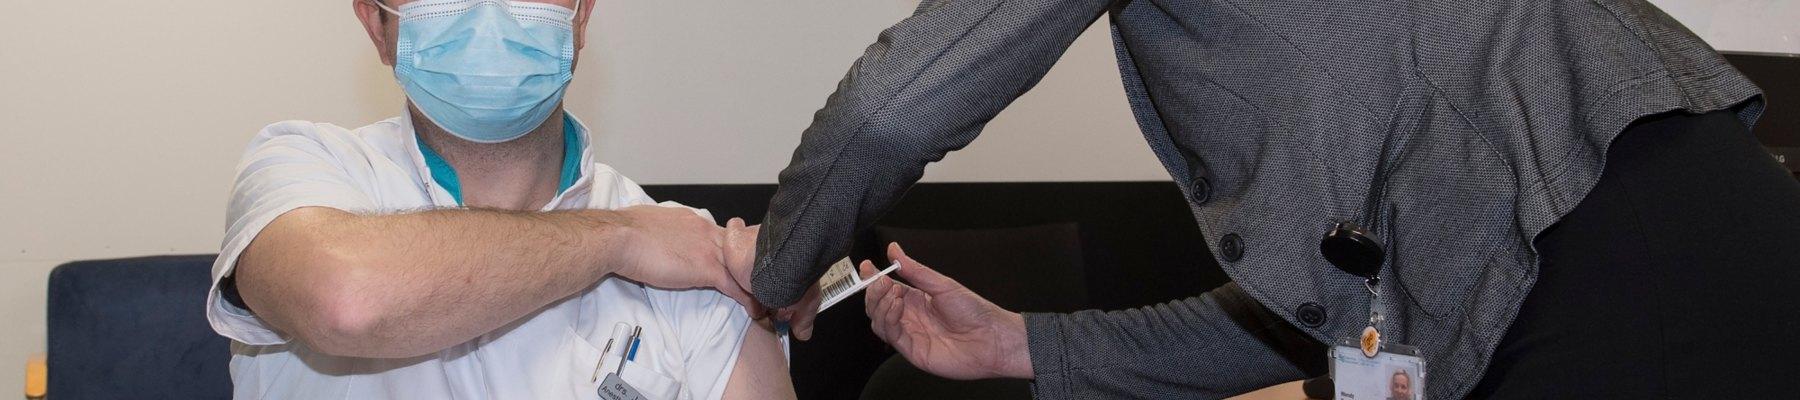 Vaccineren personeel acute zorg begonnen